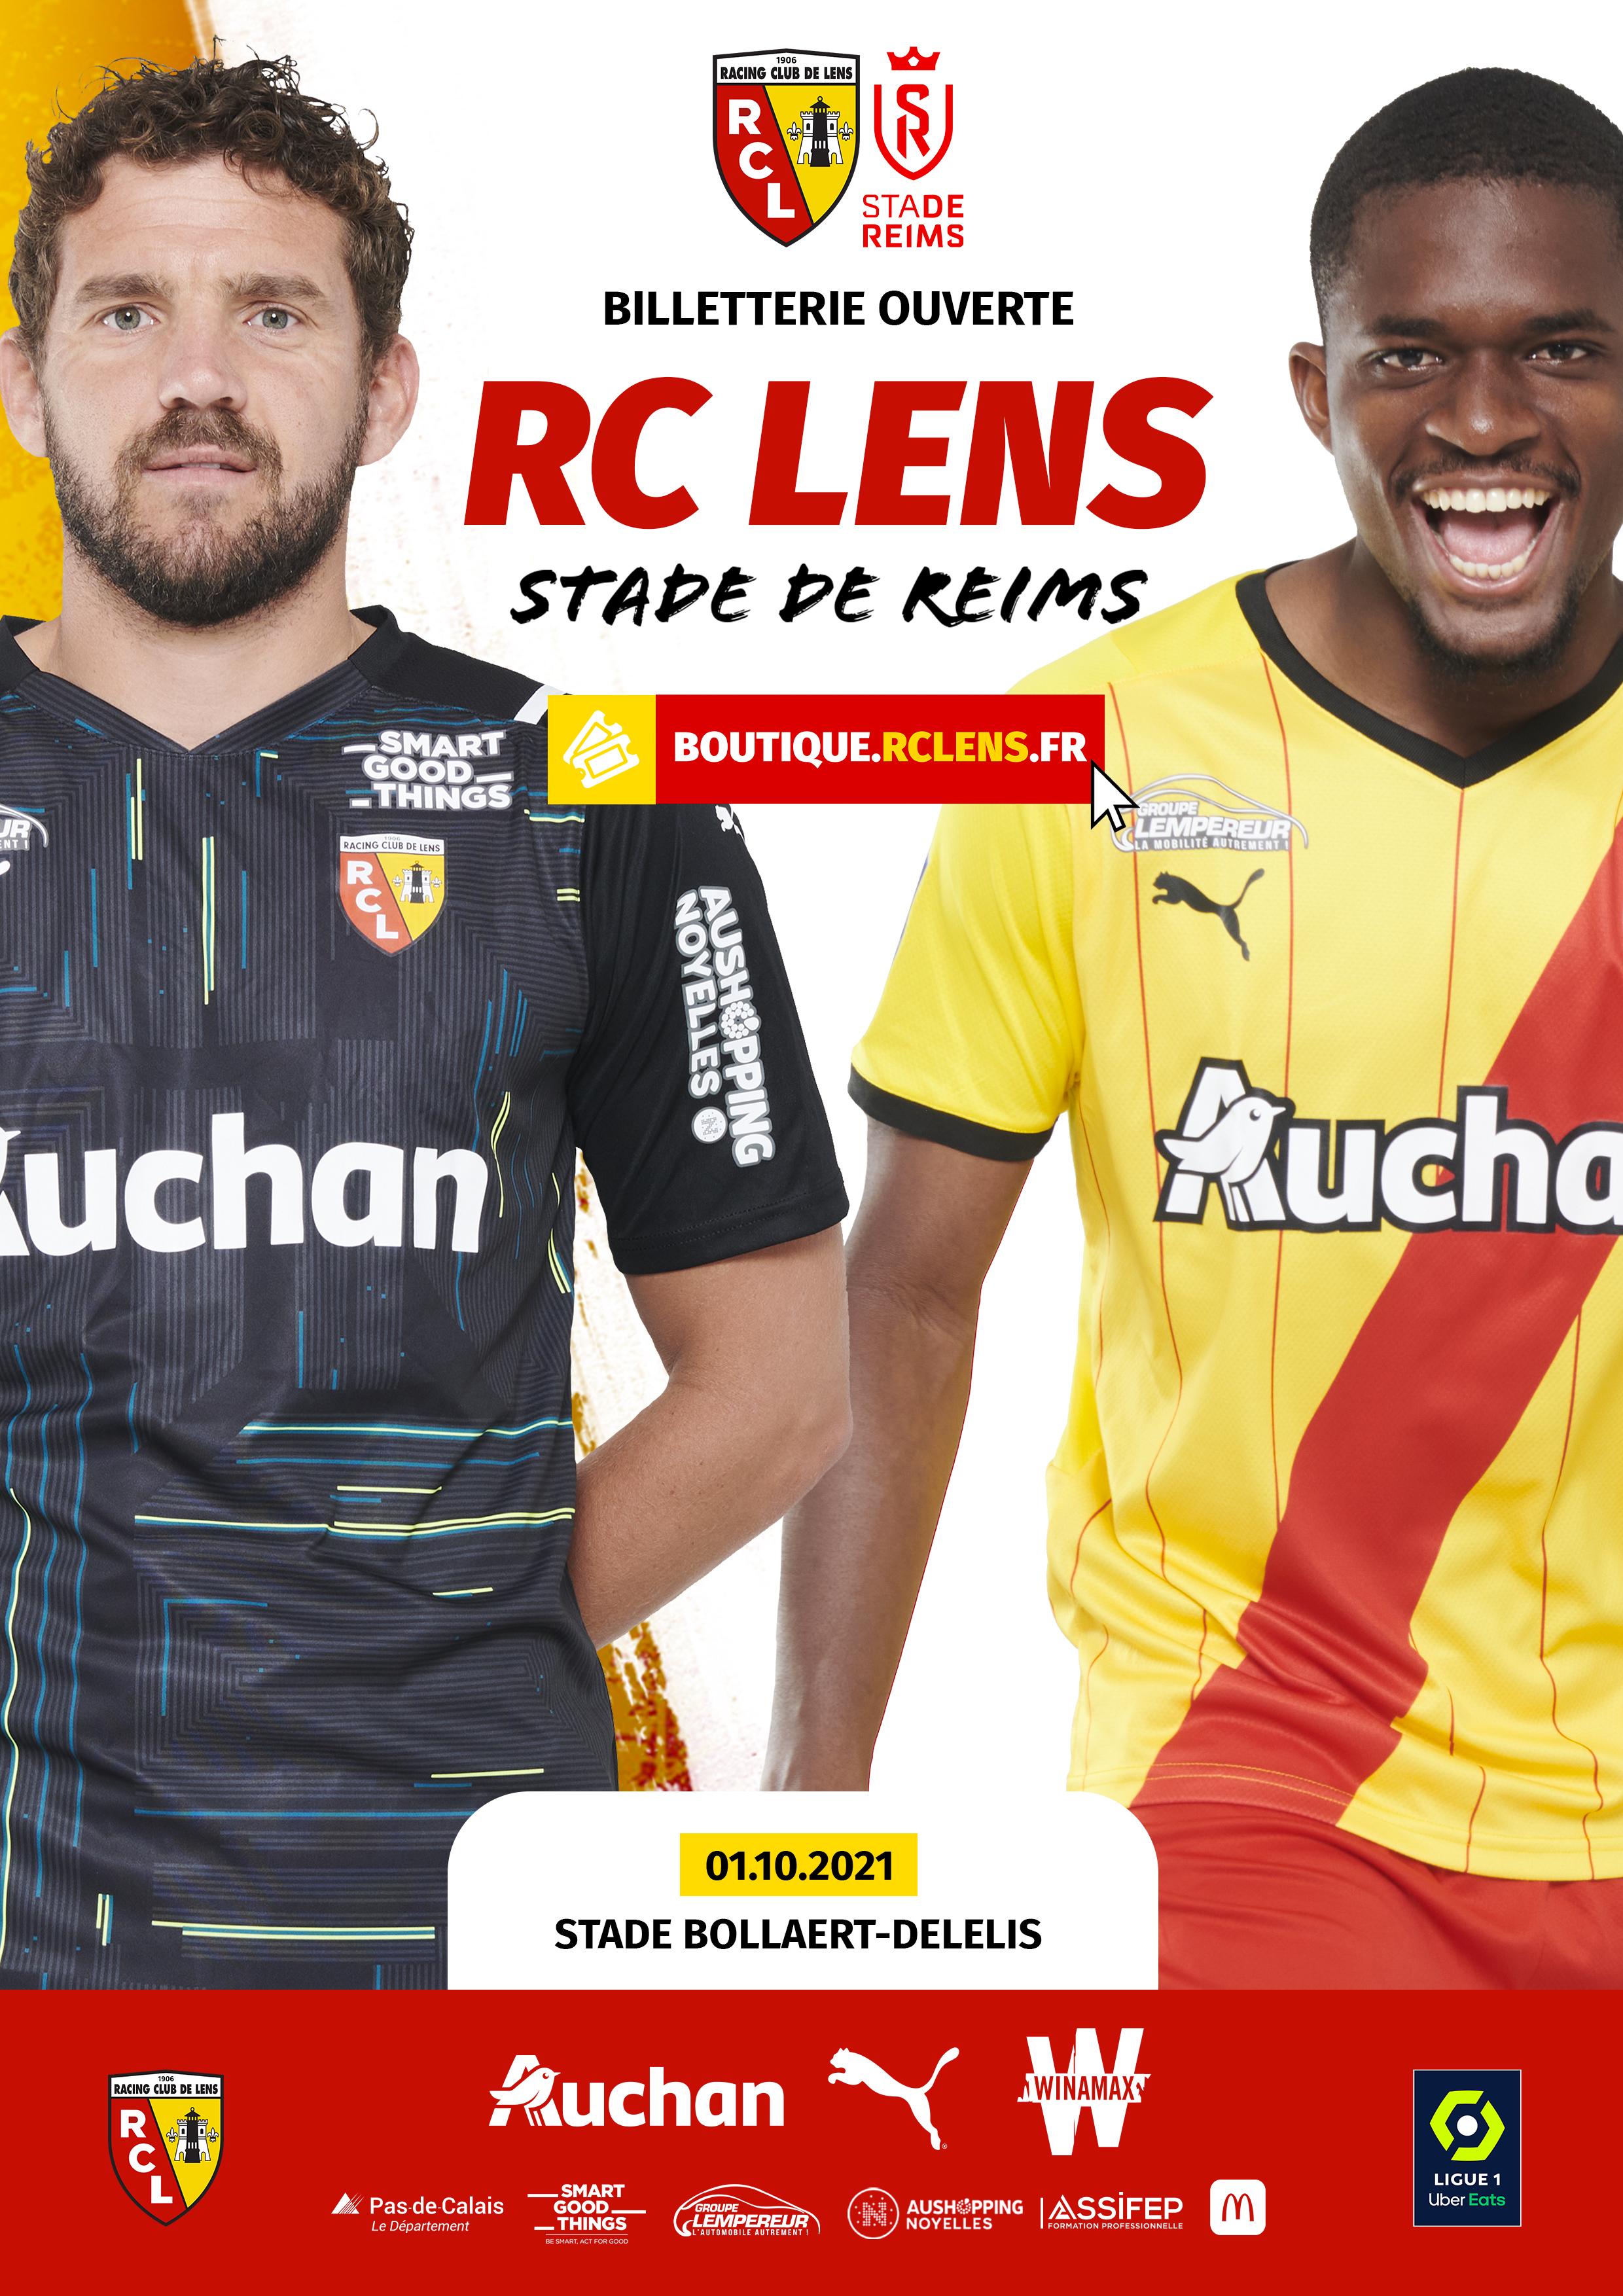 Billetterie RC Lens Stade de Reims